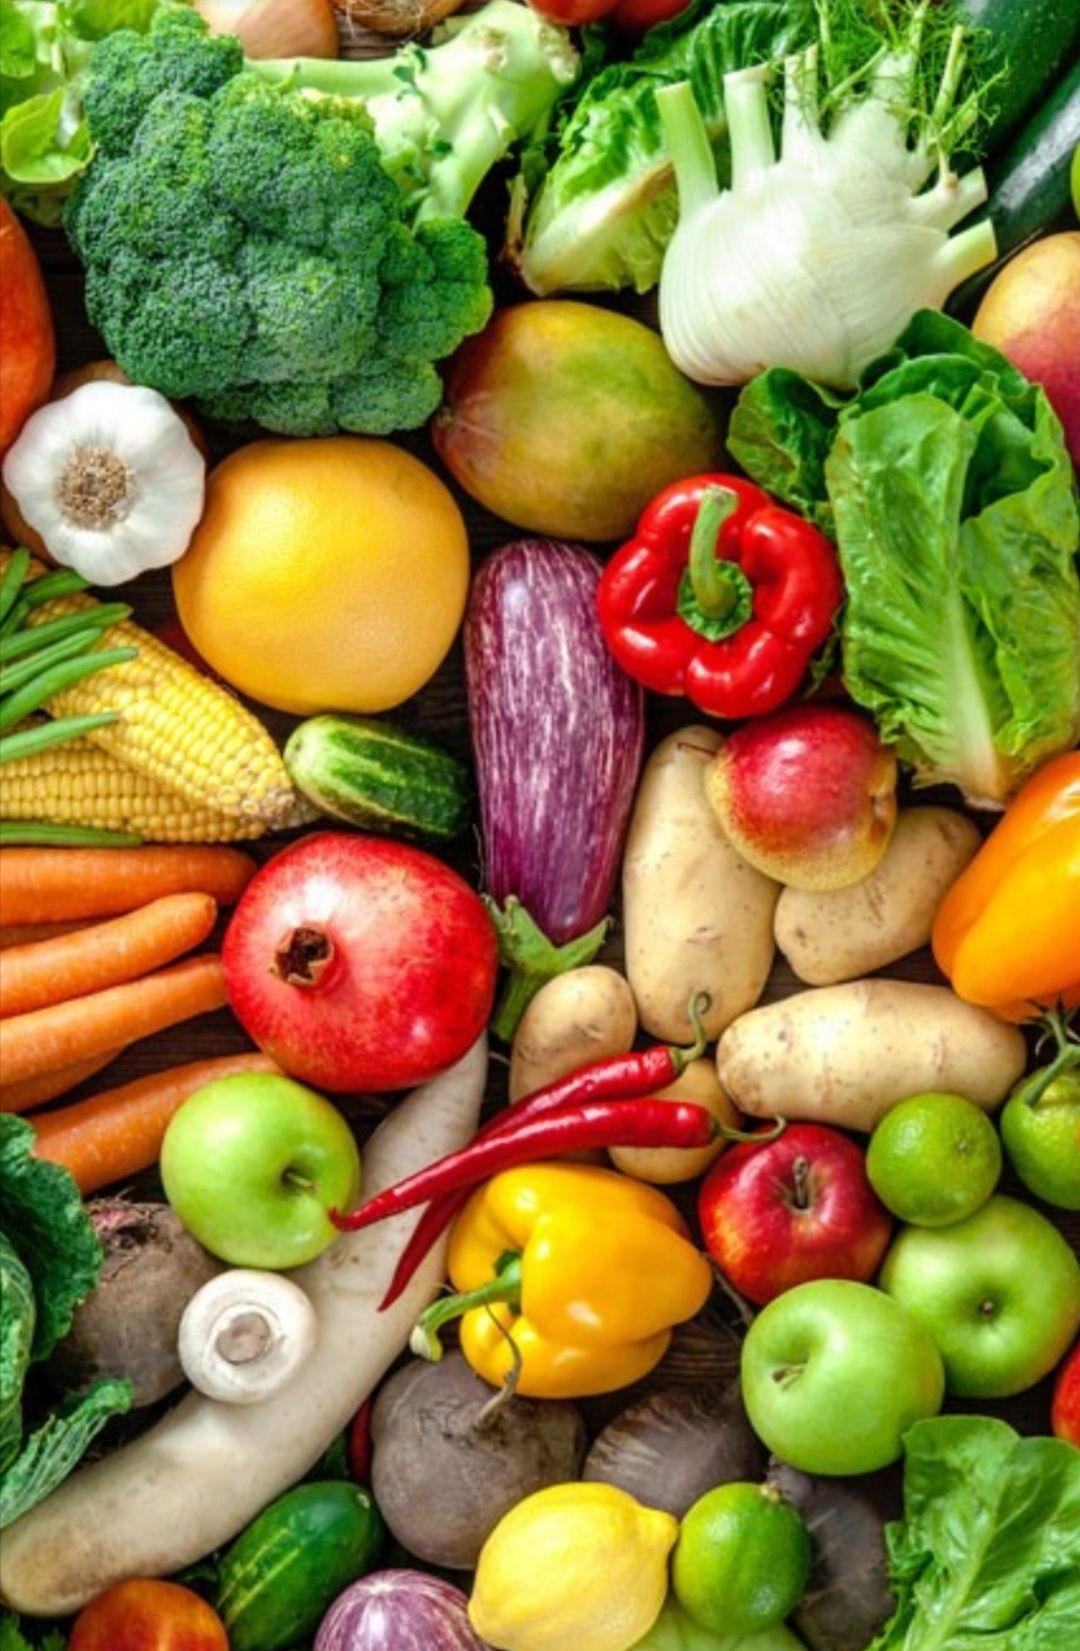 55fach auf Rewe Bio Gemüse 65fach möglich [Payback]